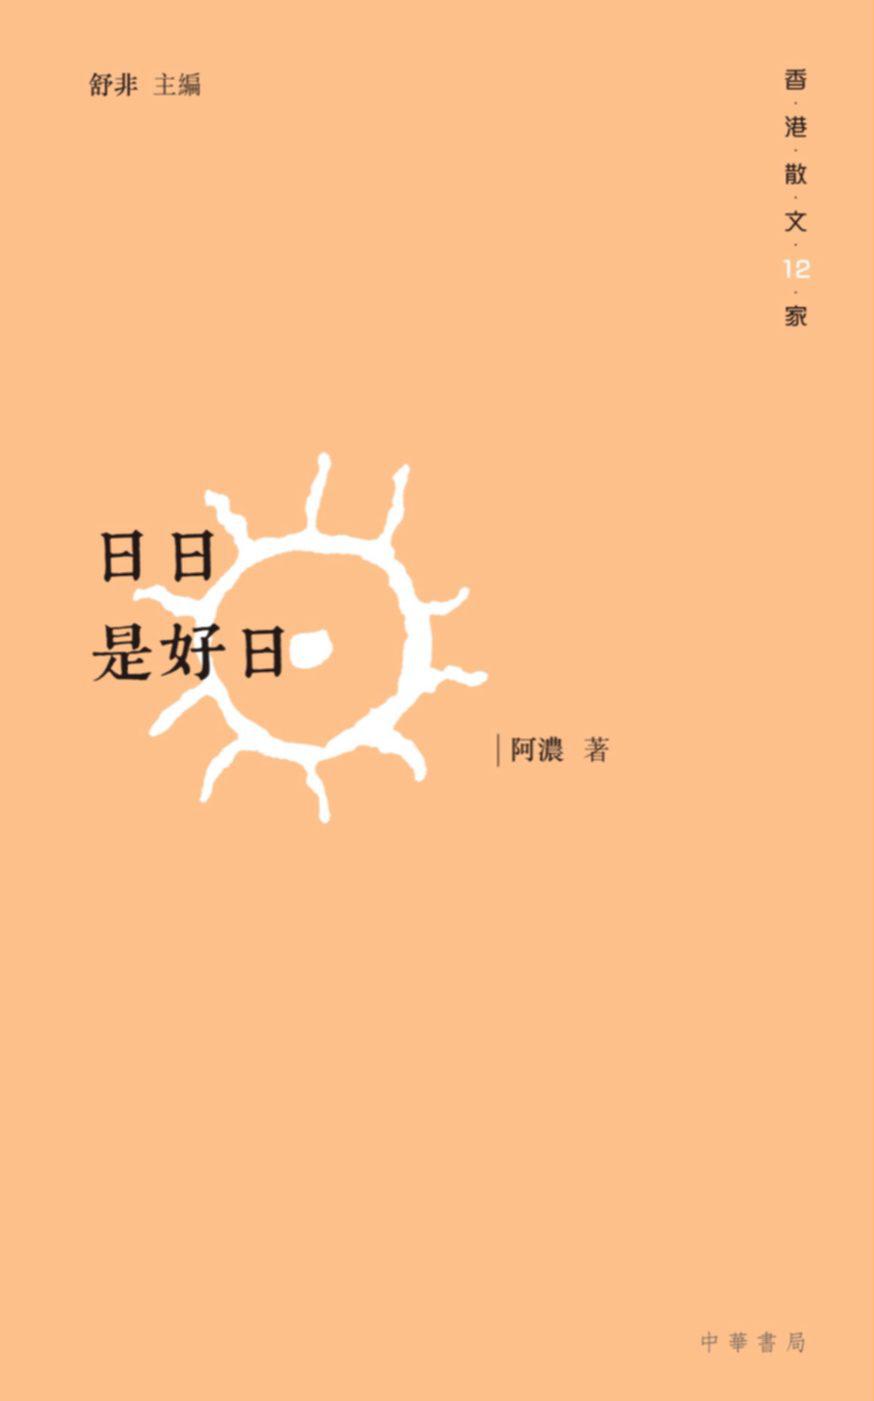 阿濃作品《日日是好日》書影